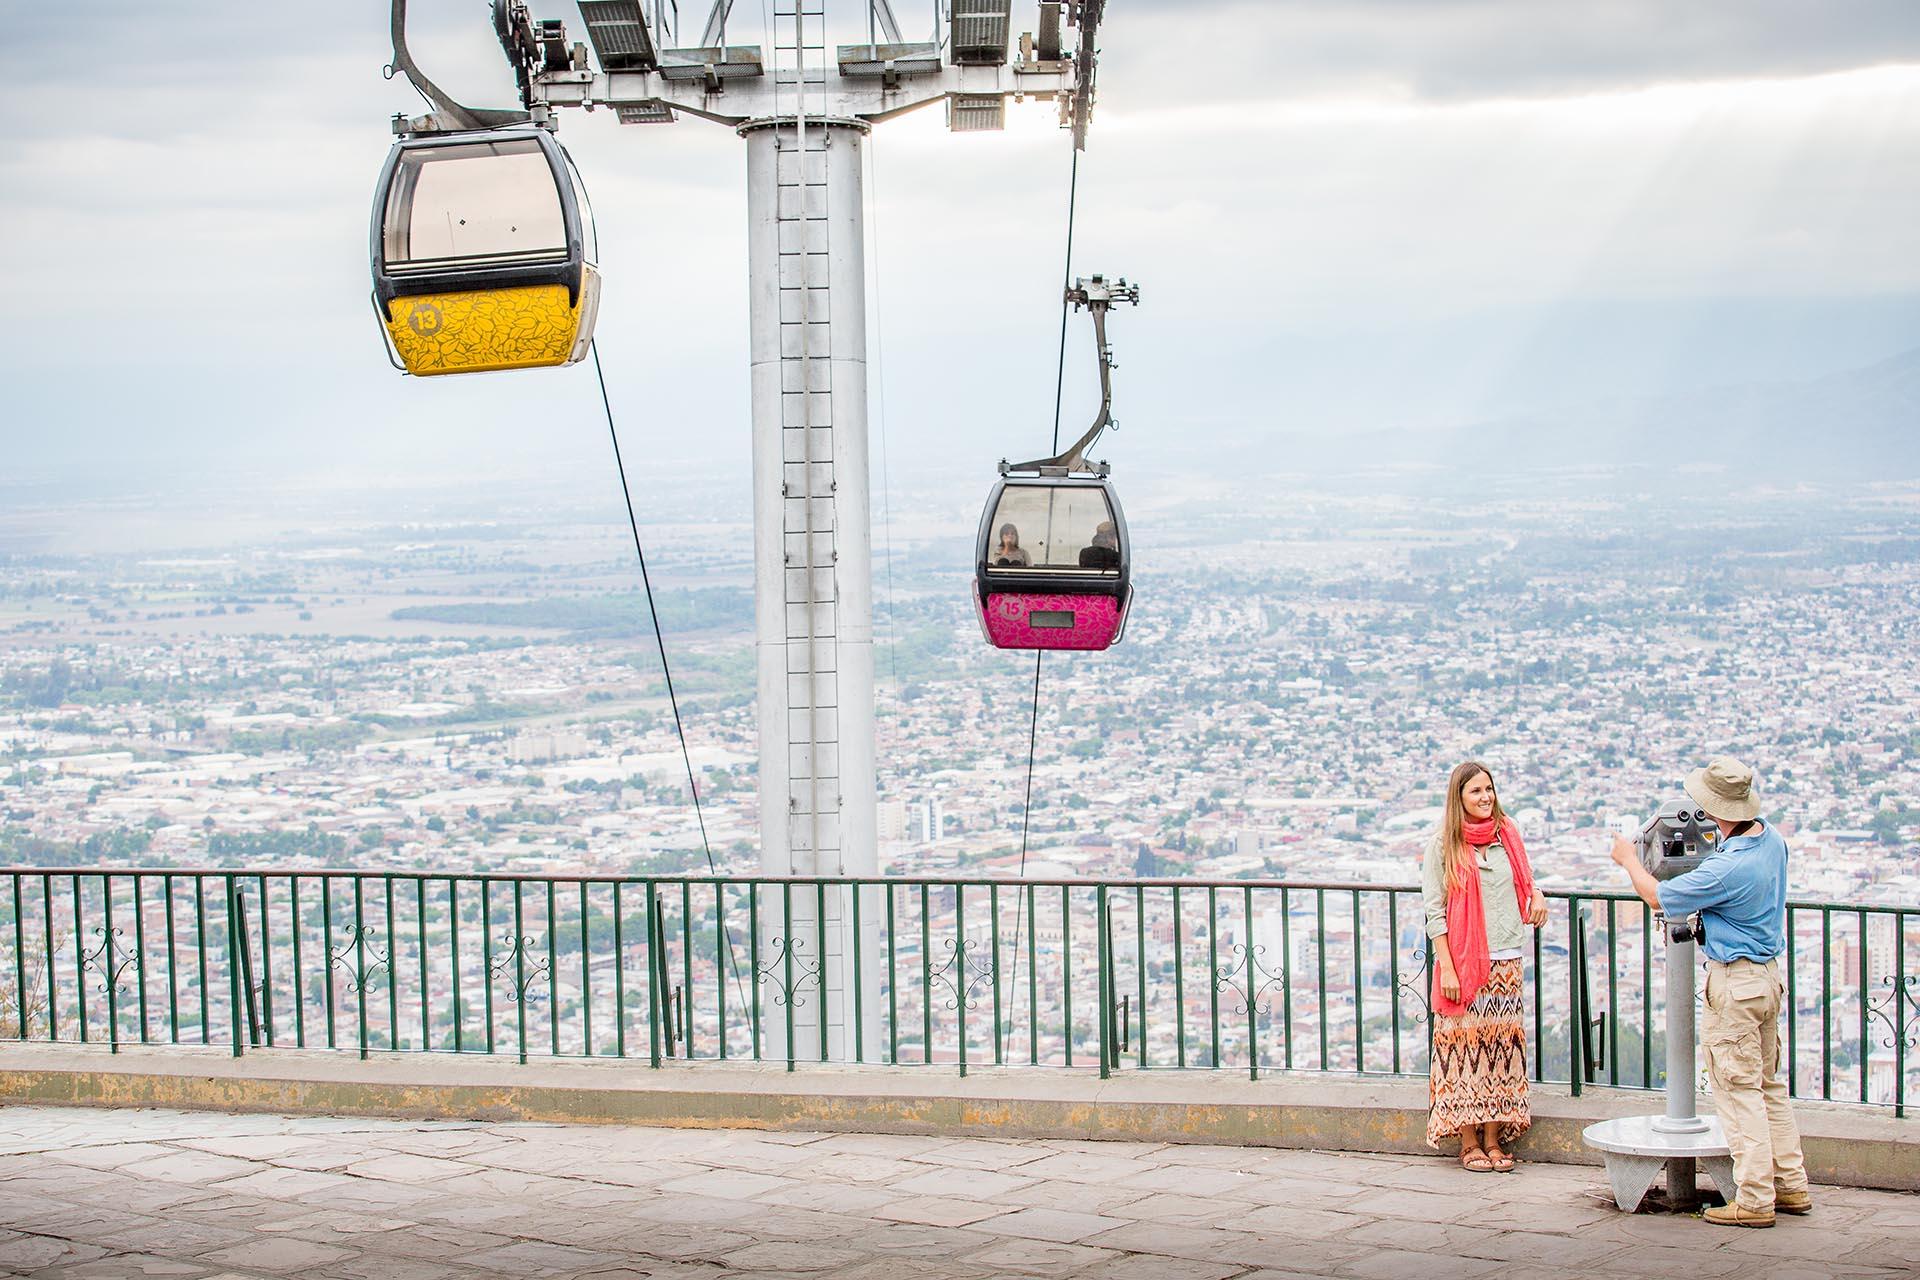 """Para descubrir por qué a Salta la llaman """"la linda"""", basta con dejar la valija y arrancar una caminata por el casco histórico de la ciudad, uno de los mejor conservados del país. Se puede subir a pie o en teleférico a la cima del cerro San Bernardo para una gran panorámica (Celine Frers)"""